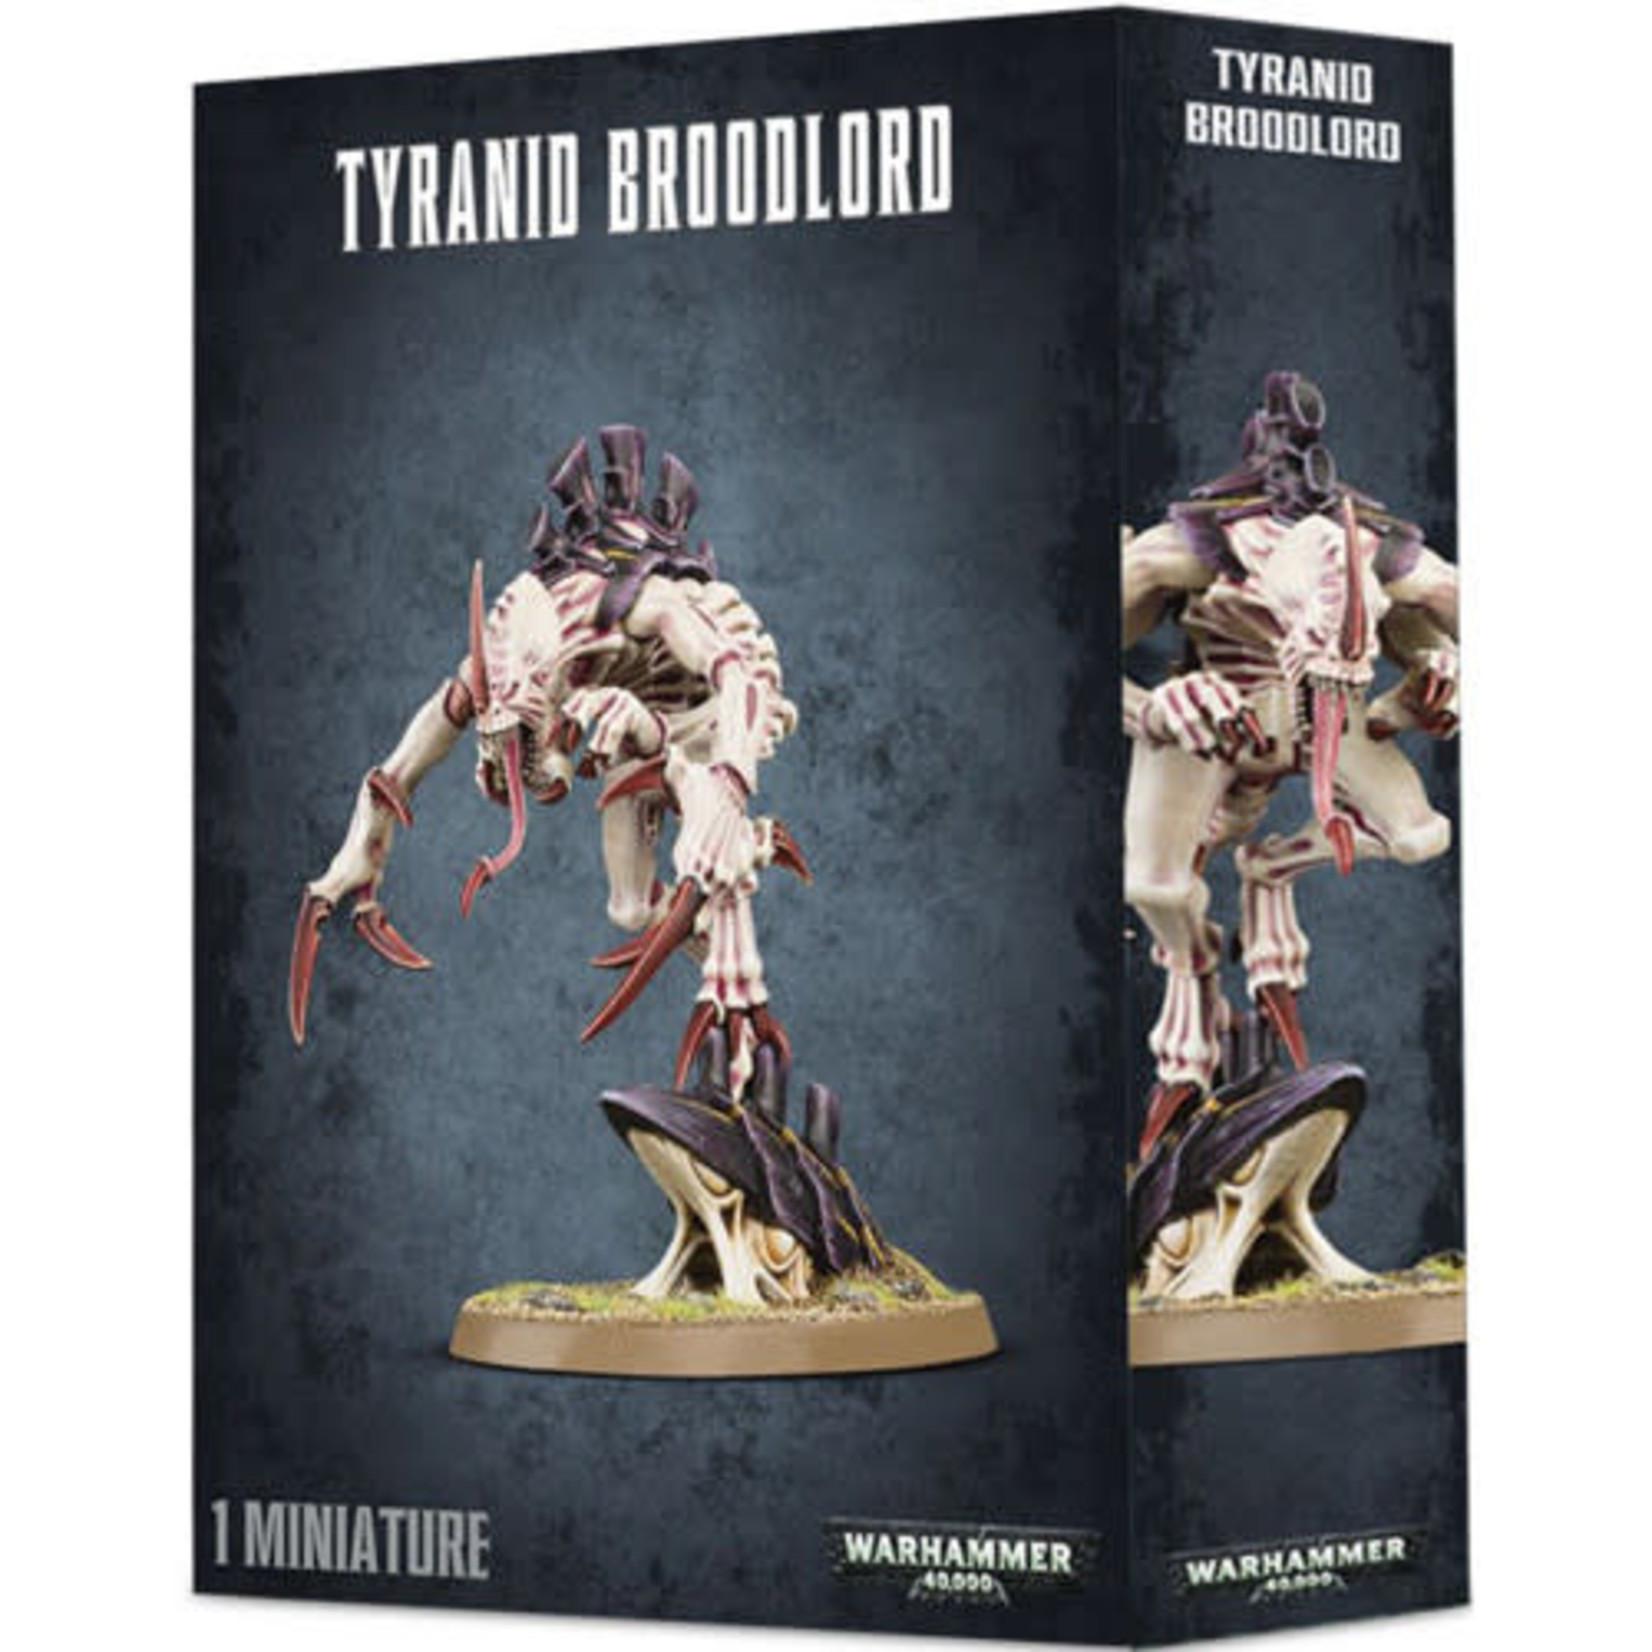 Tyranid Broodlord (40K)